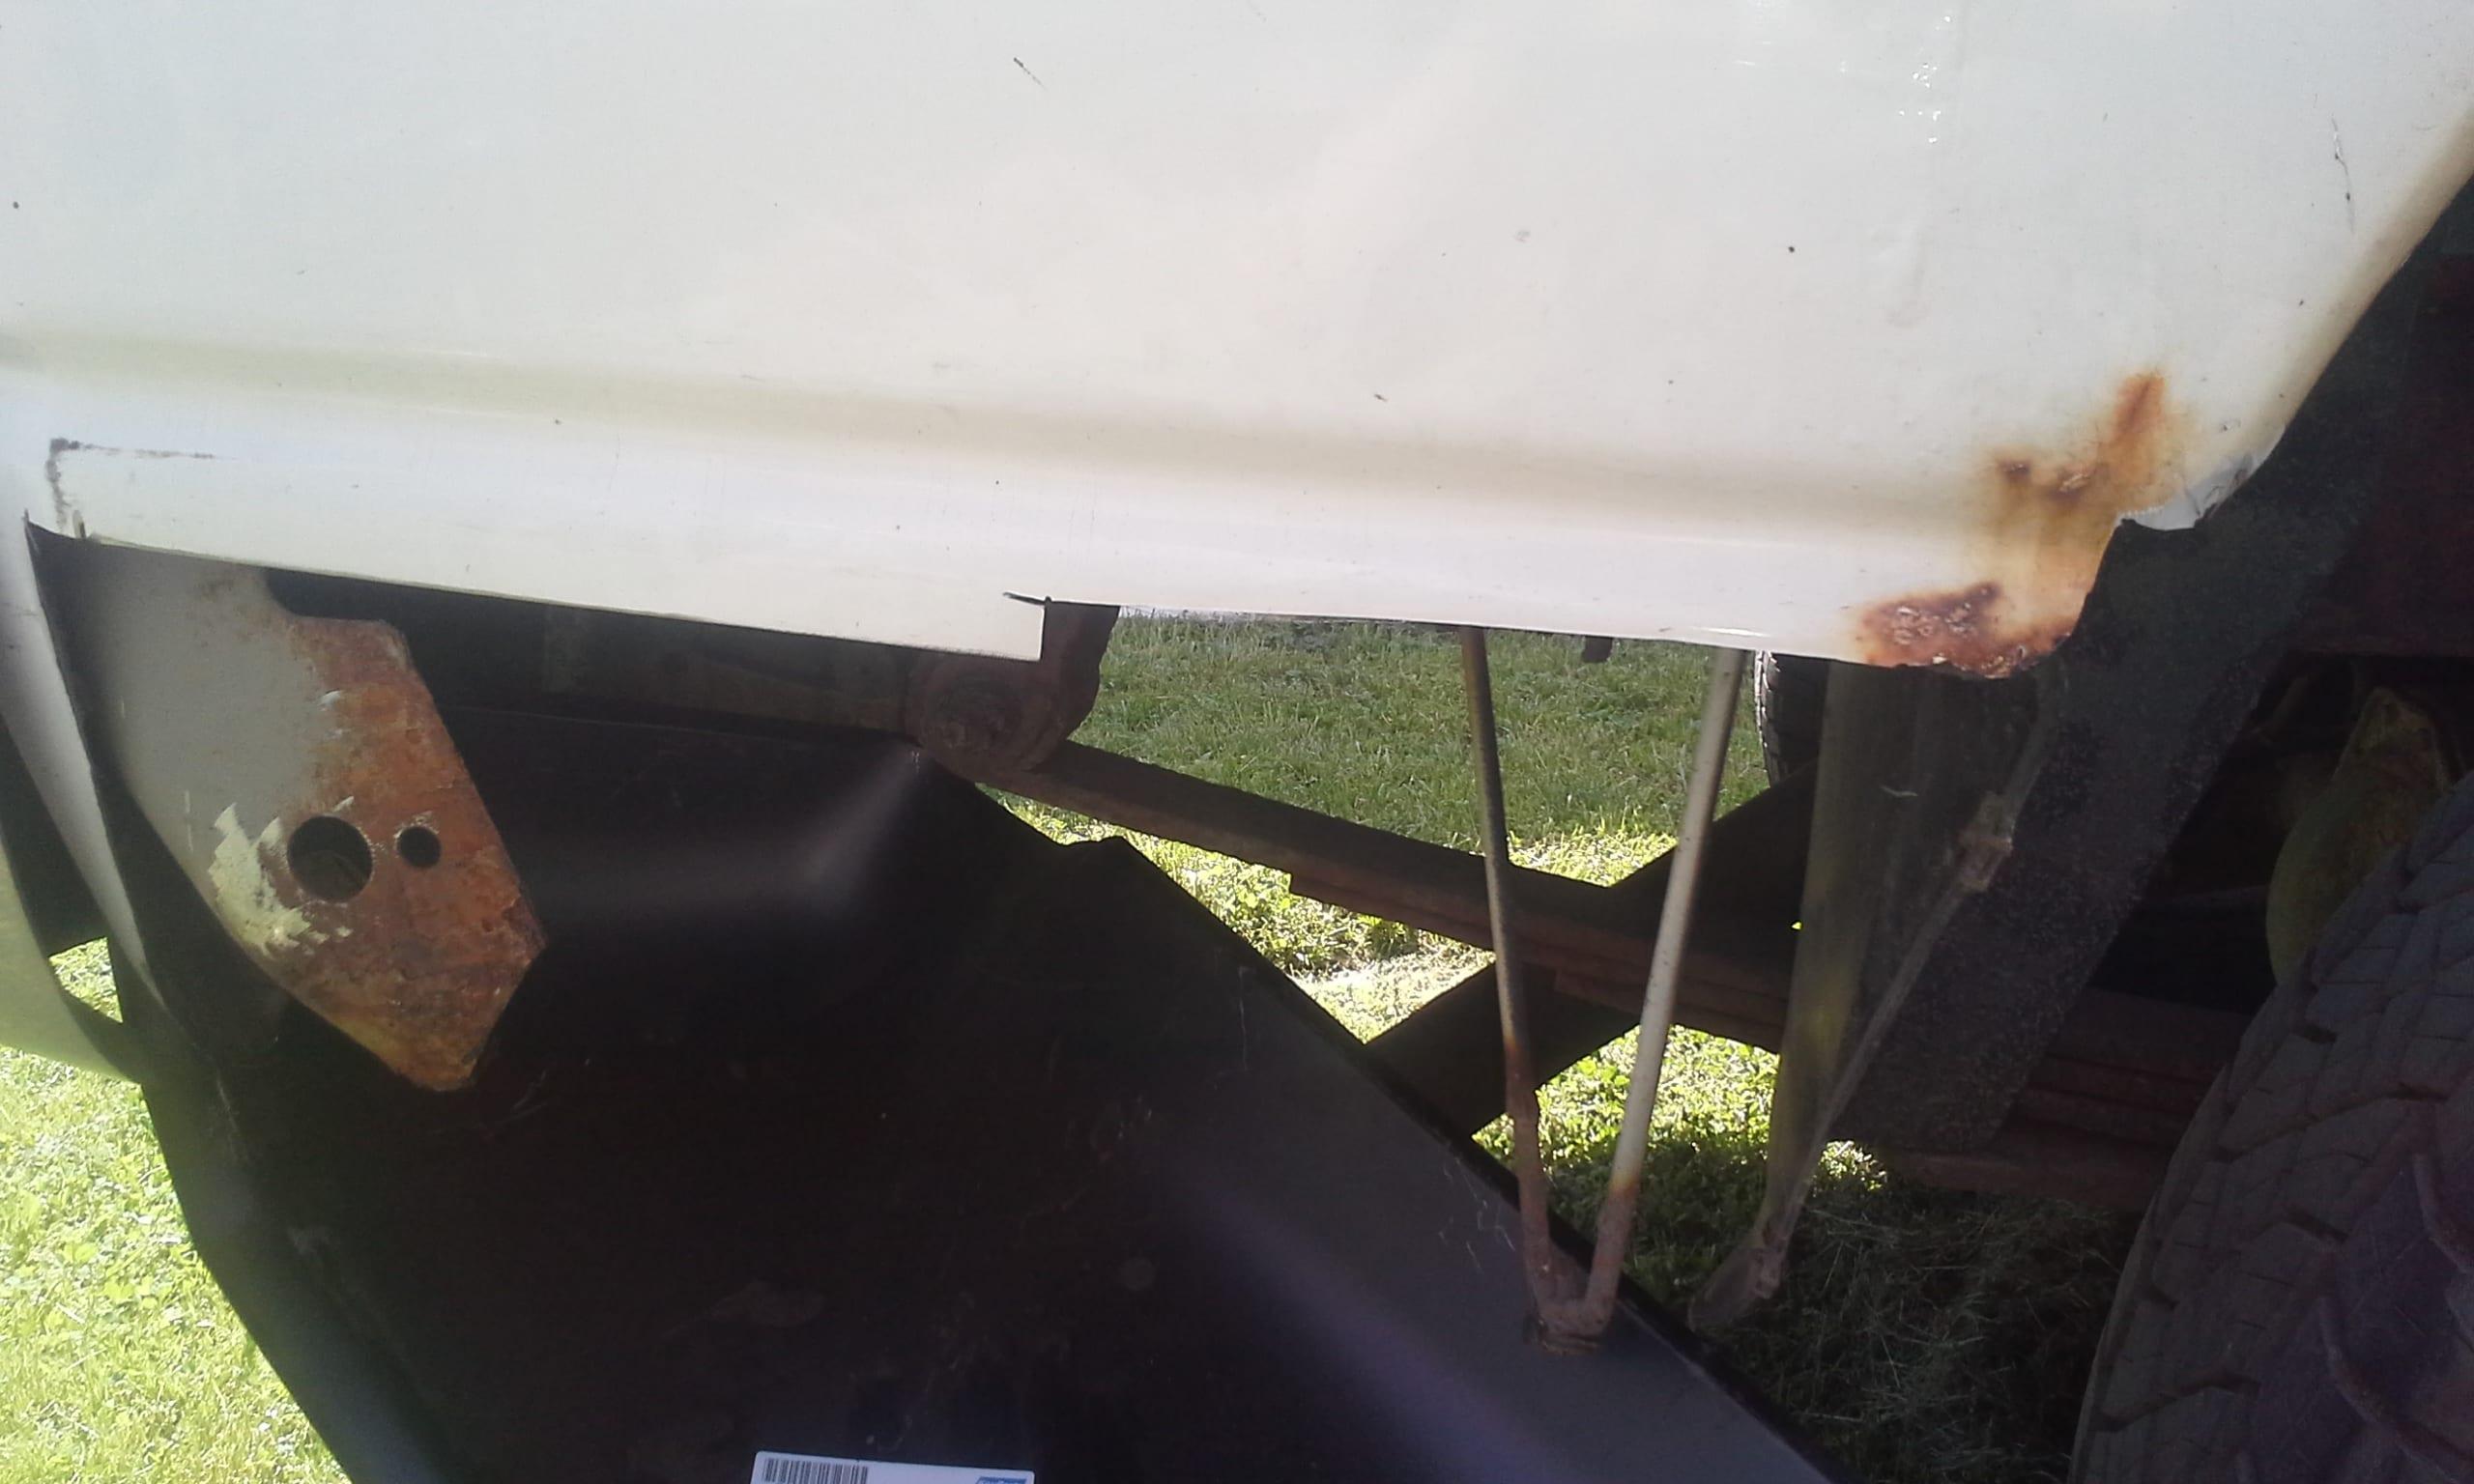 2002 2008 Dodge Ram Pickup Lower Rear Bedside Section 6